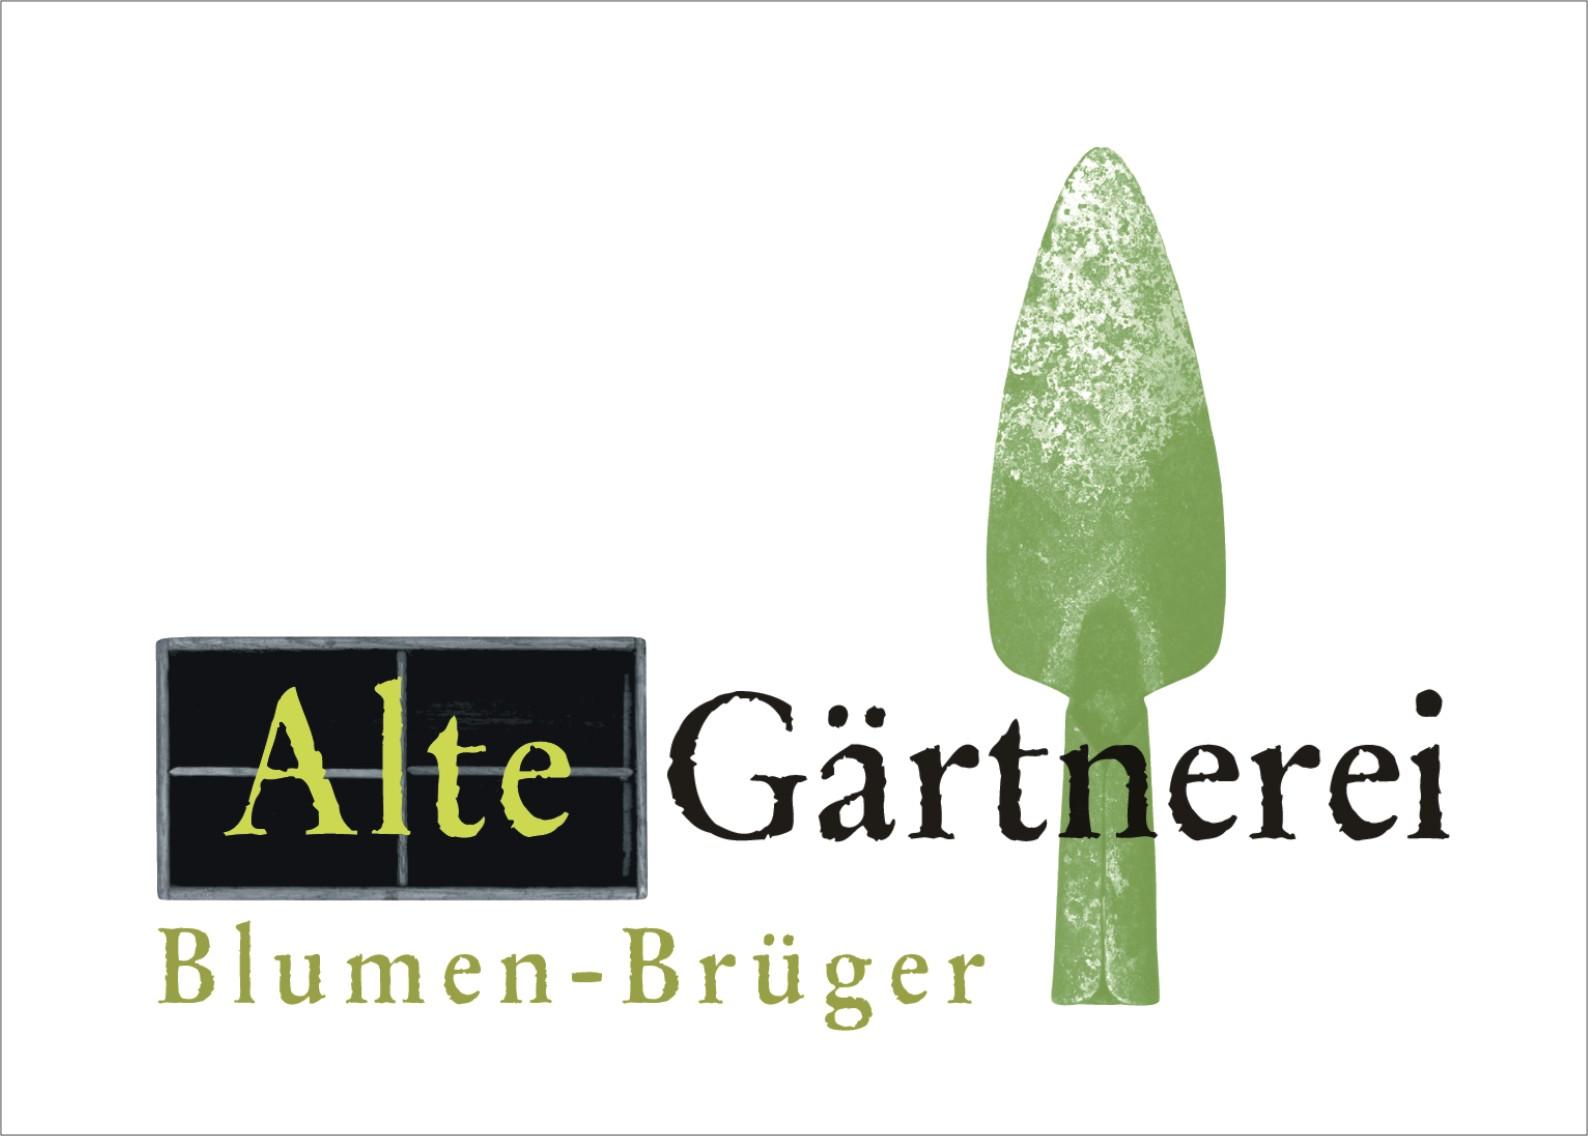 Alte Gärtnerei Blumen-Brüger